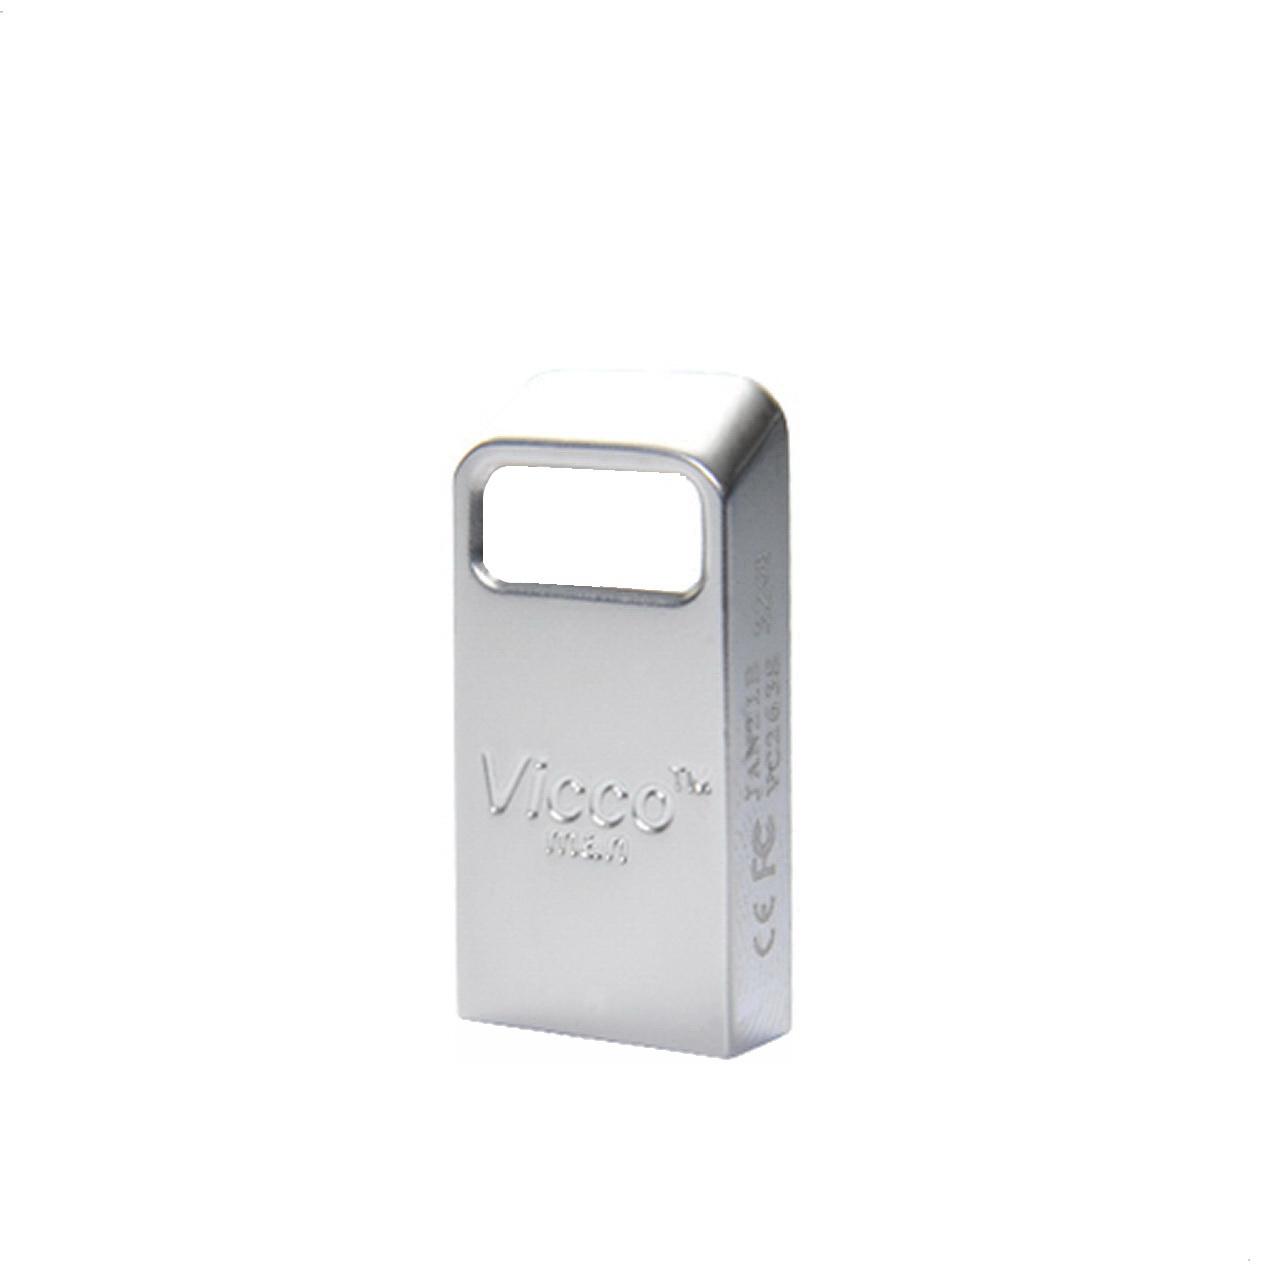 فلش مموری ویکومن مدل vc263 S ظرفیت 32 گیگابایت